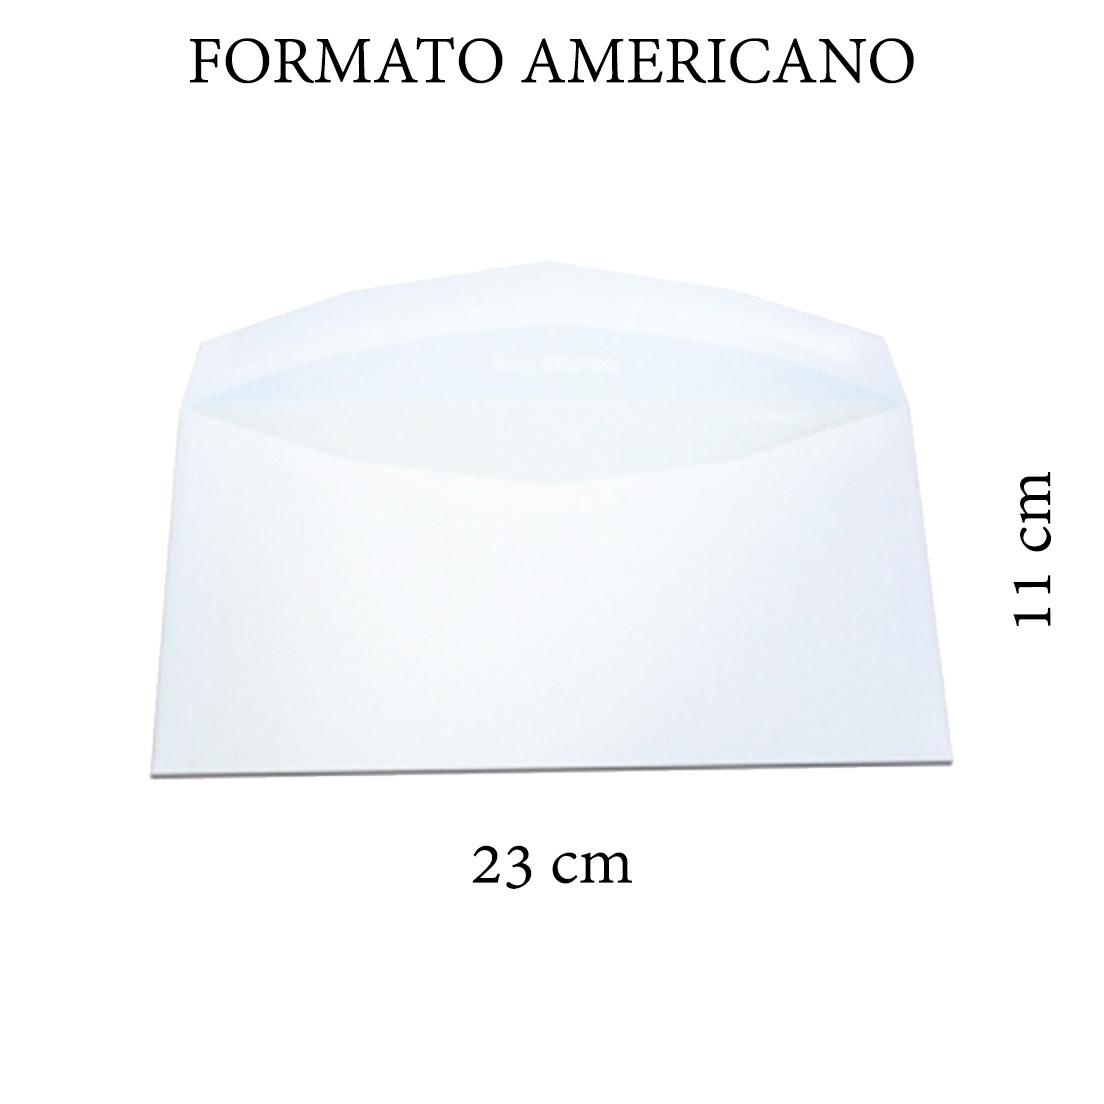 BUSTA LETTERA 11x23cm 80g FORMATO AMERICANO SENZA FINESTRA 500pz BIANCA